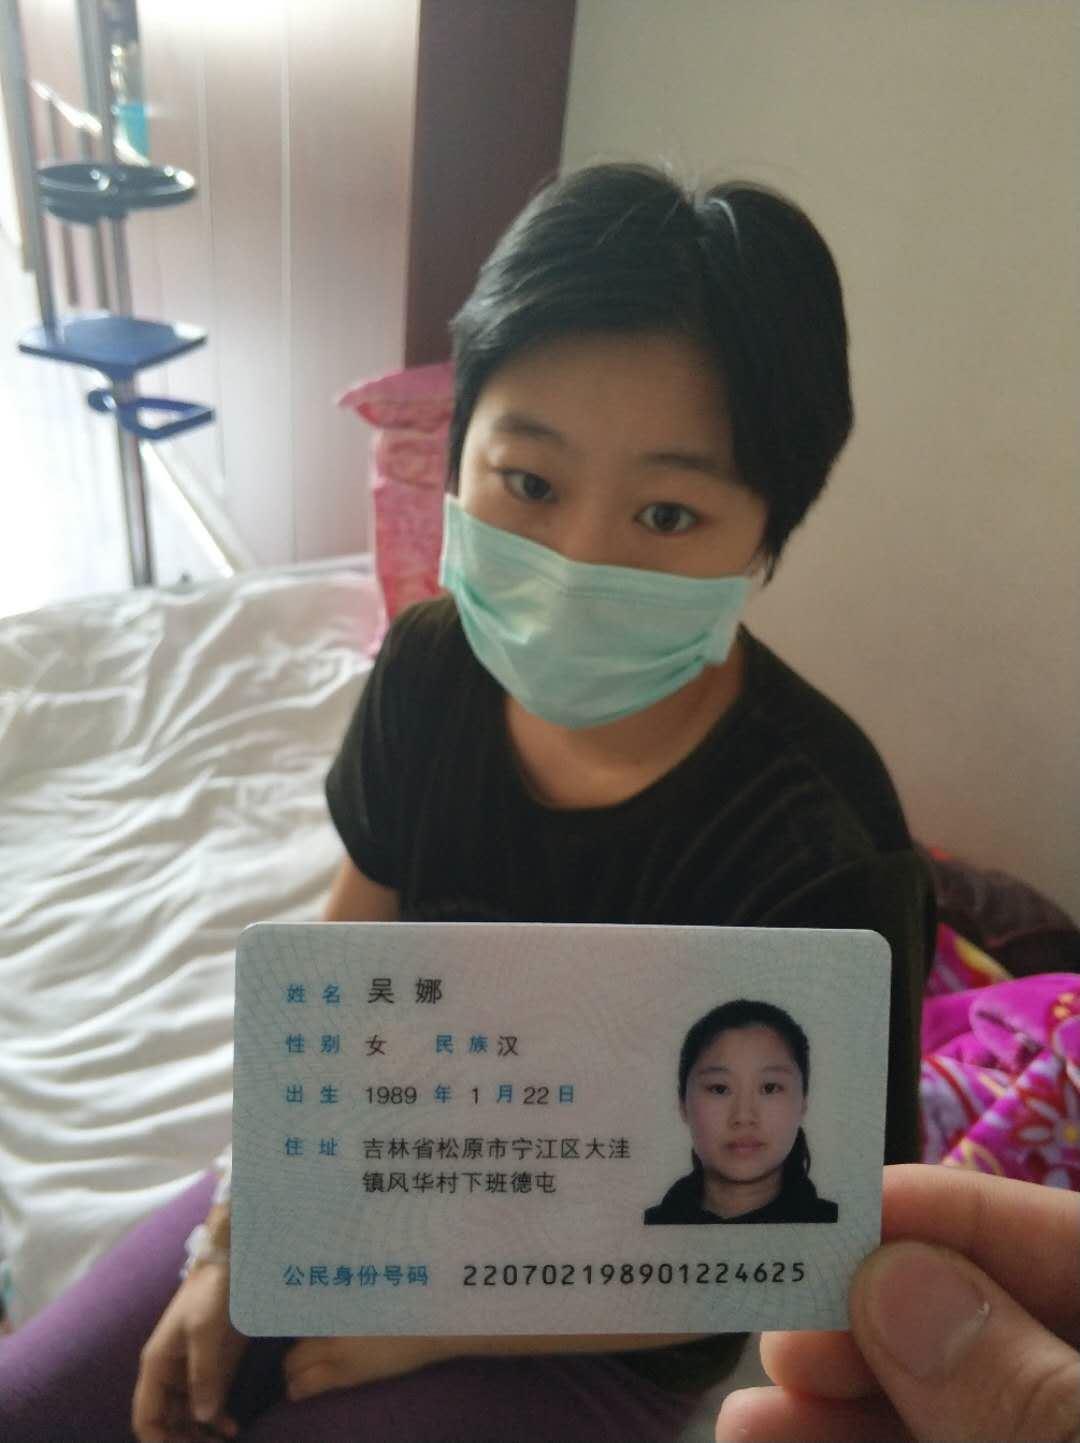 慈善募捐 吴娜白血病患者急需骨髓移植 公益宝